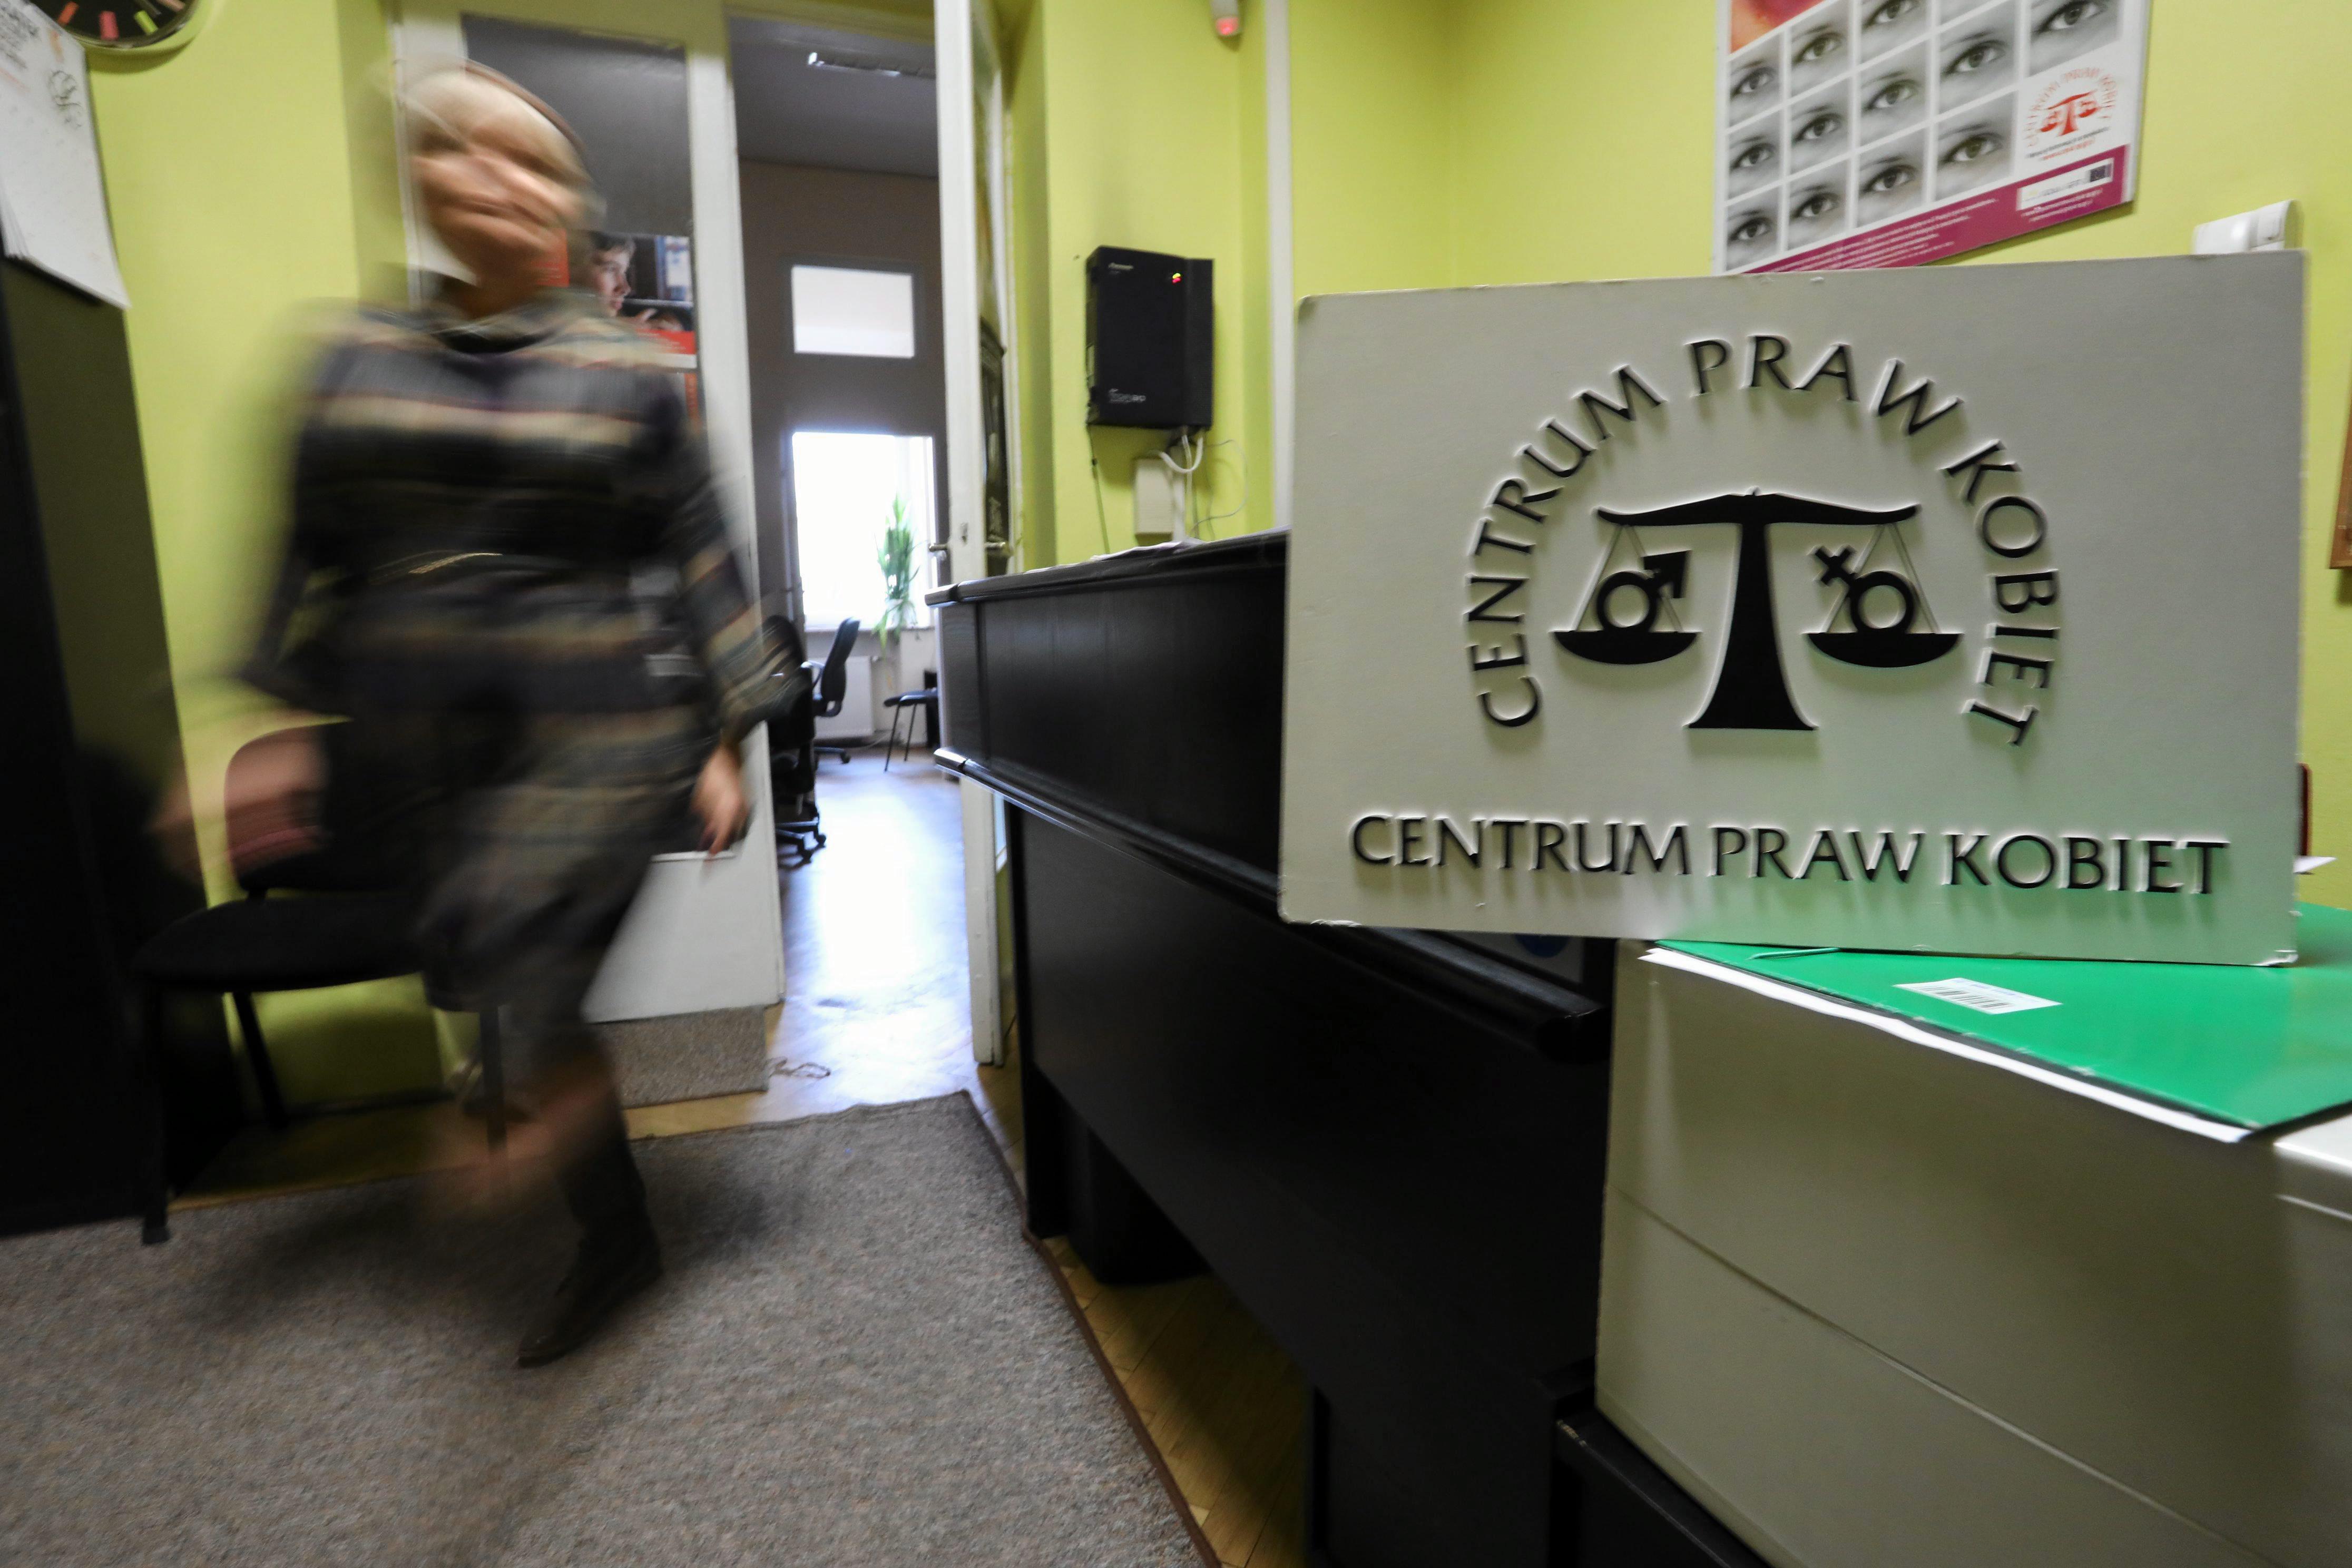 Siedziba Centrum Praw Kobiet w Warszawie (fot. Sławomir Kamiński / Agencja Gazeta)